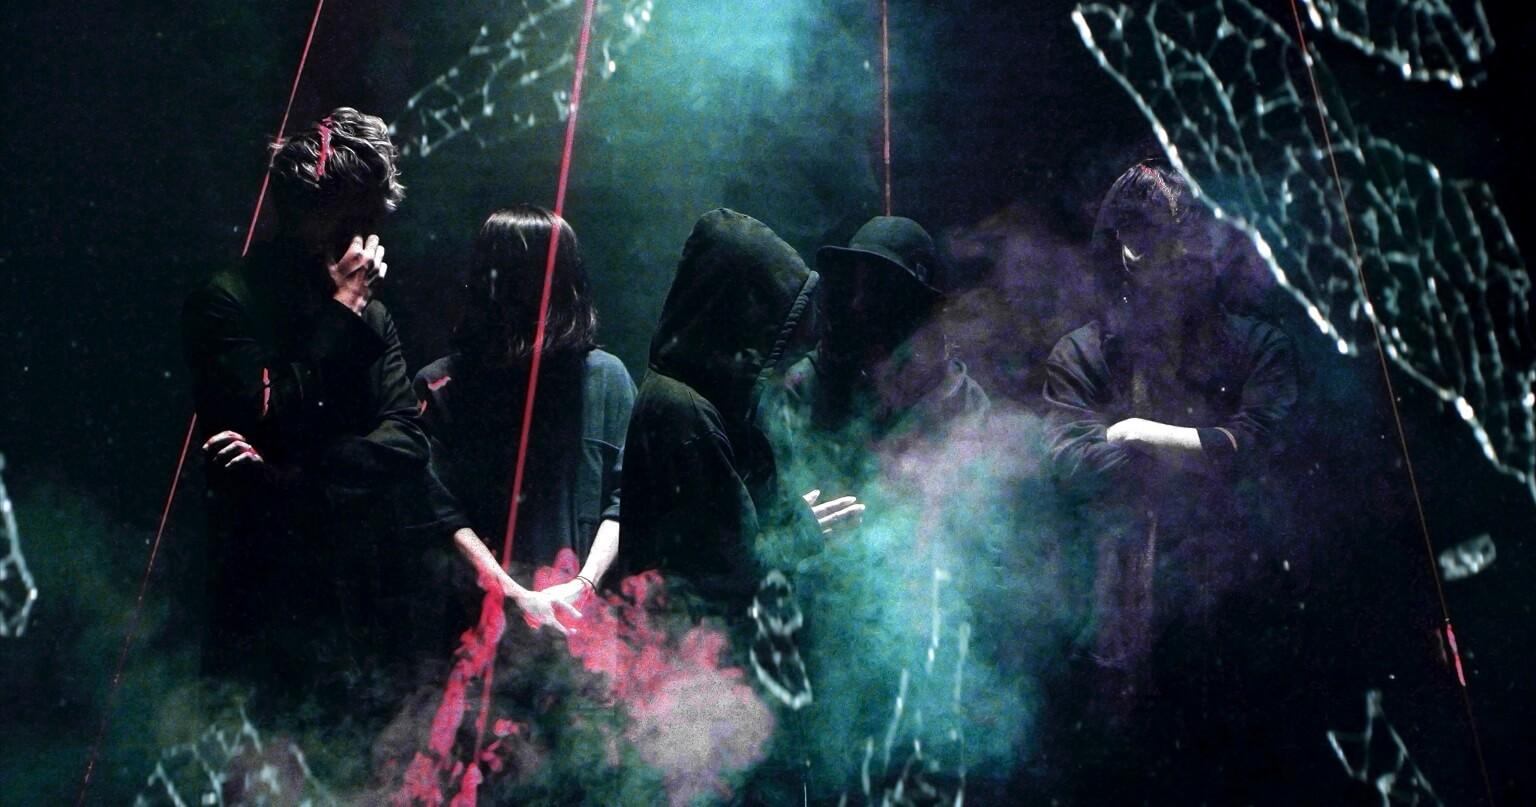 眩暈SIREN、今週末の渋谷WWW X公演ソールドアウトサムネイル画像